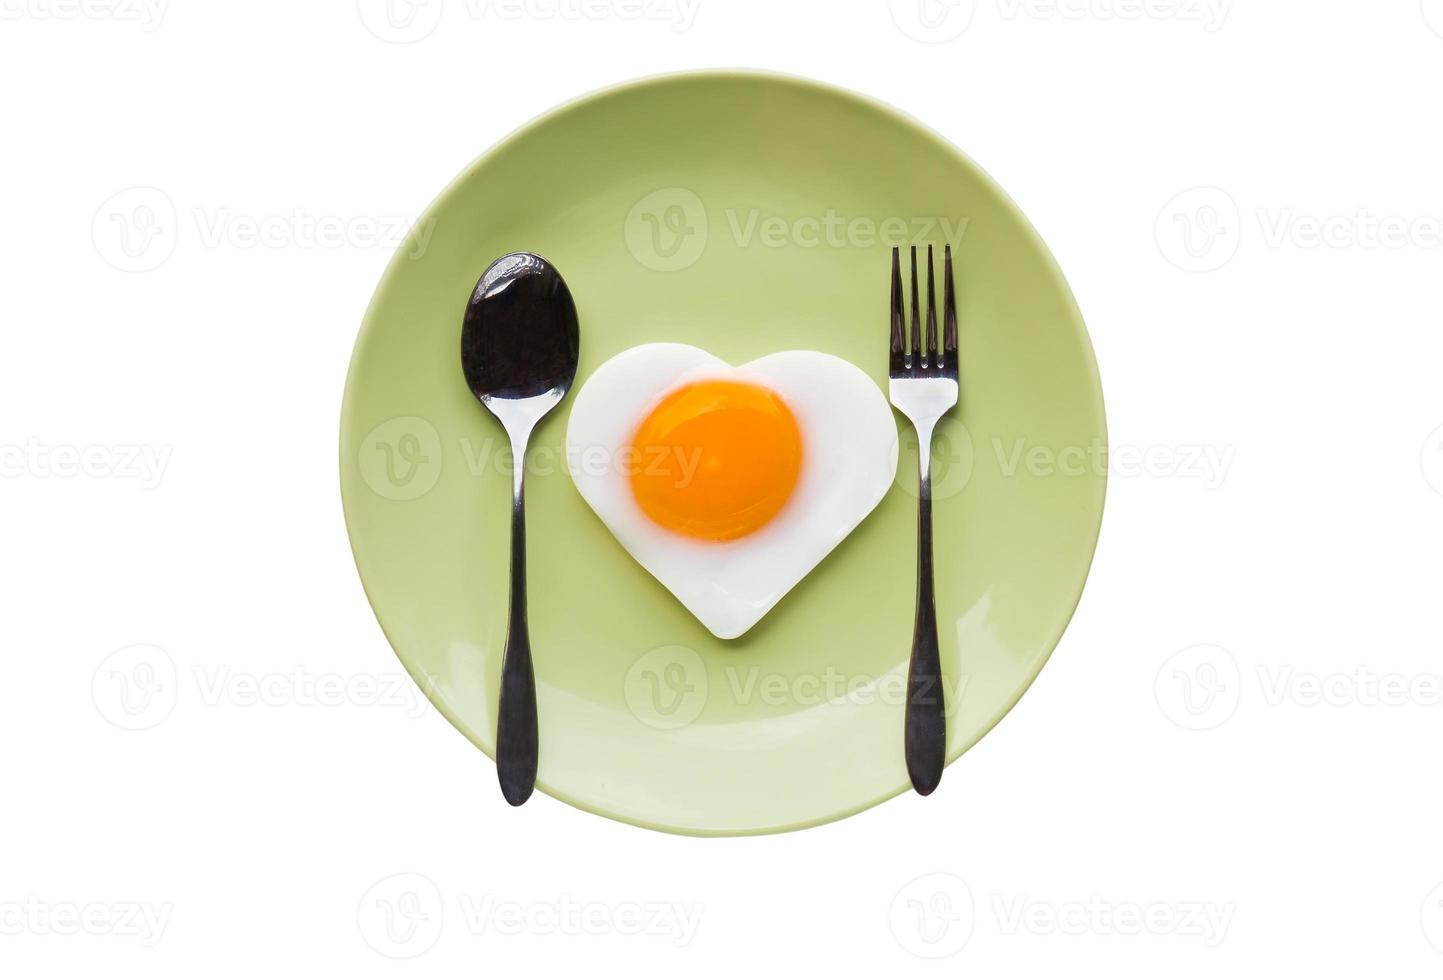 corazón de huevo frito y cuchara foto